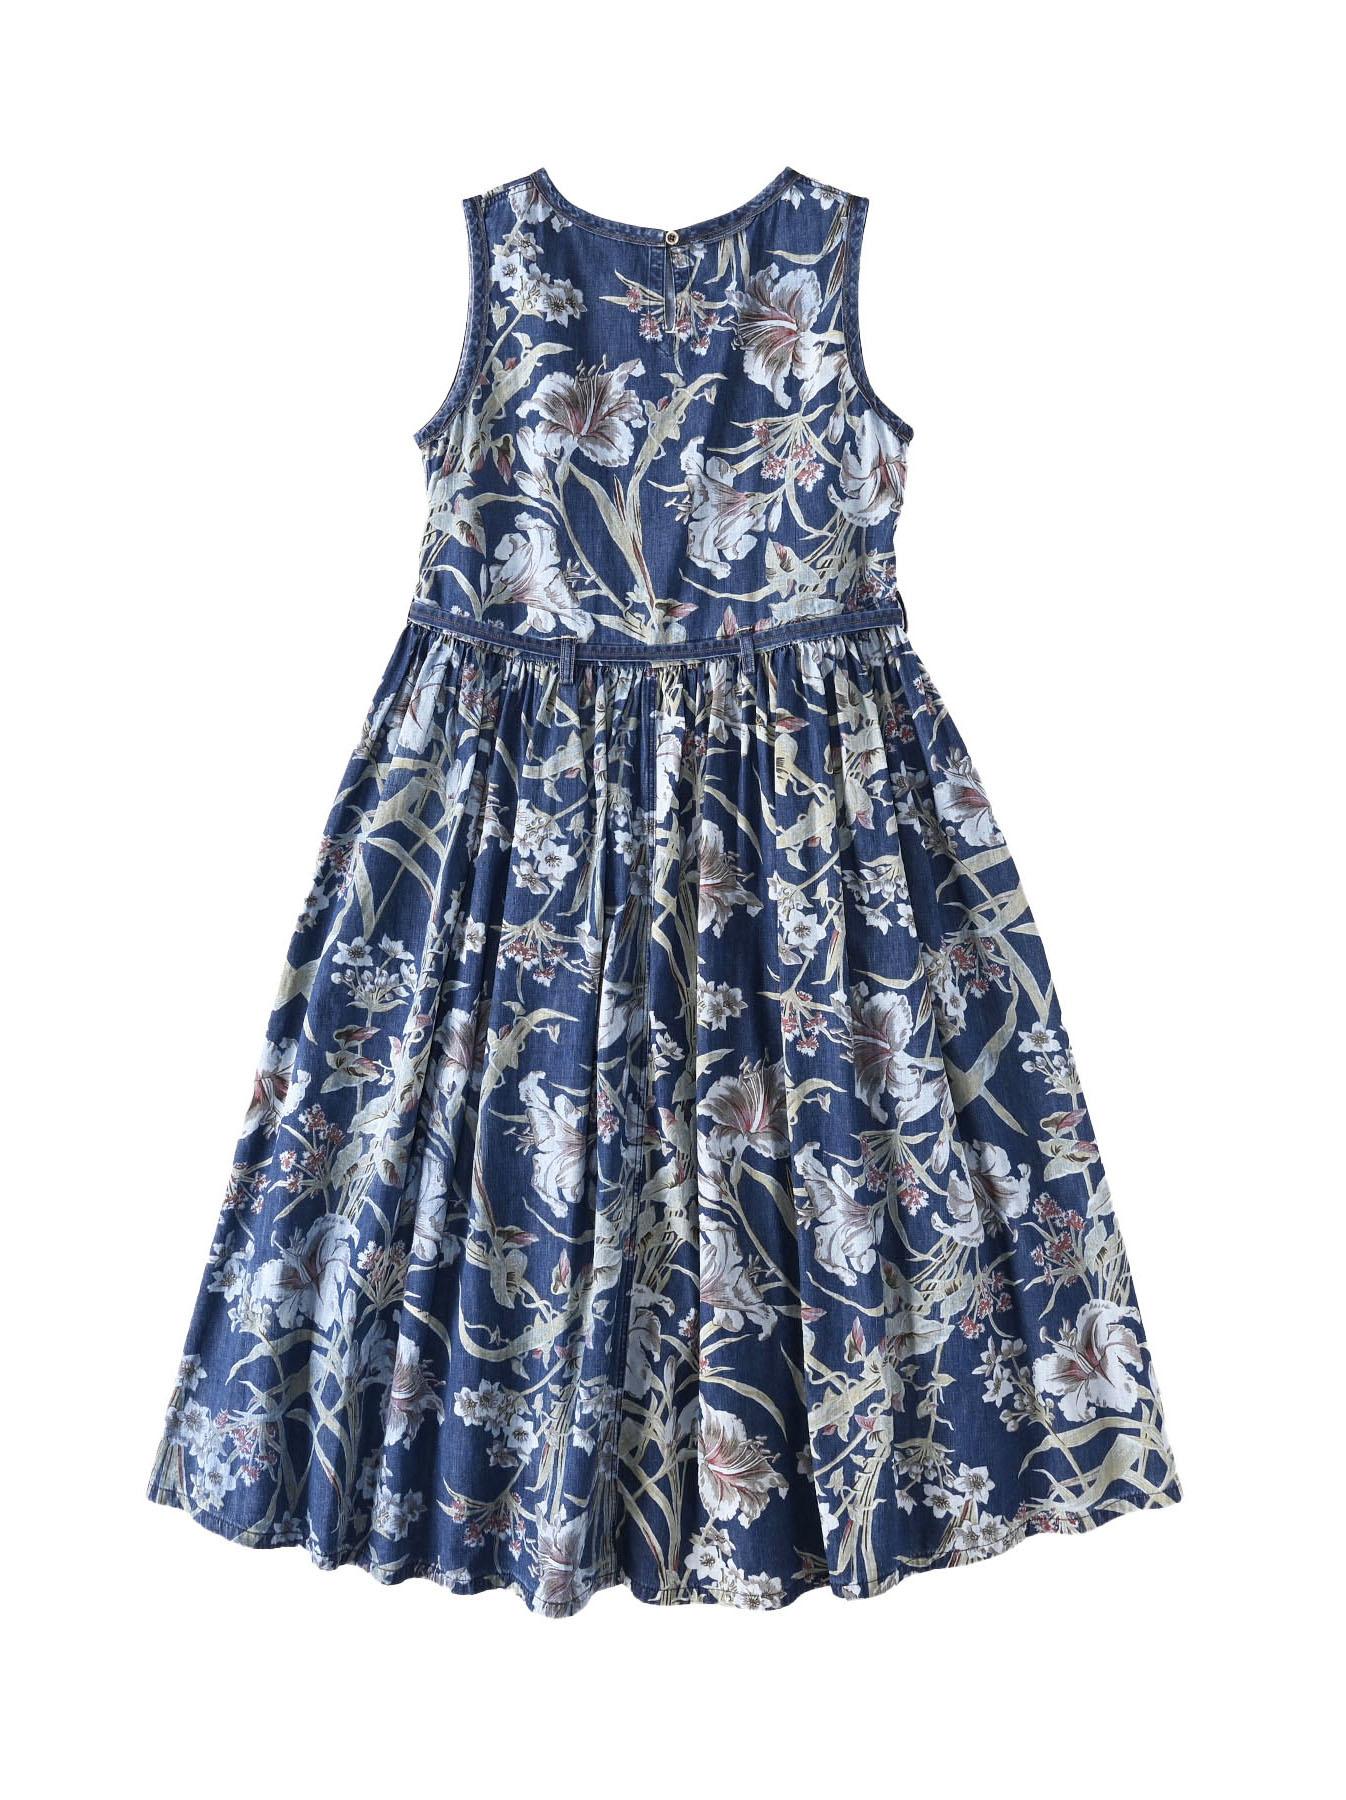 Cotton Lily Print Dress (0521)-6